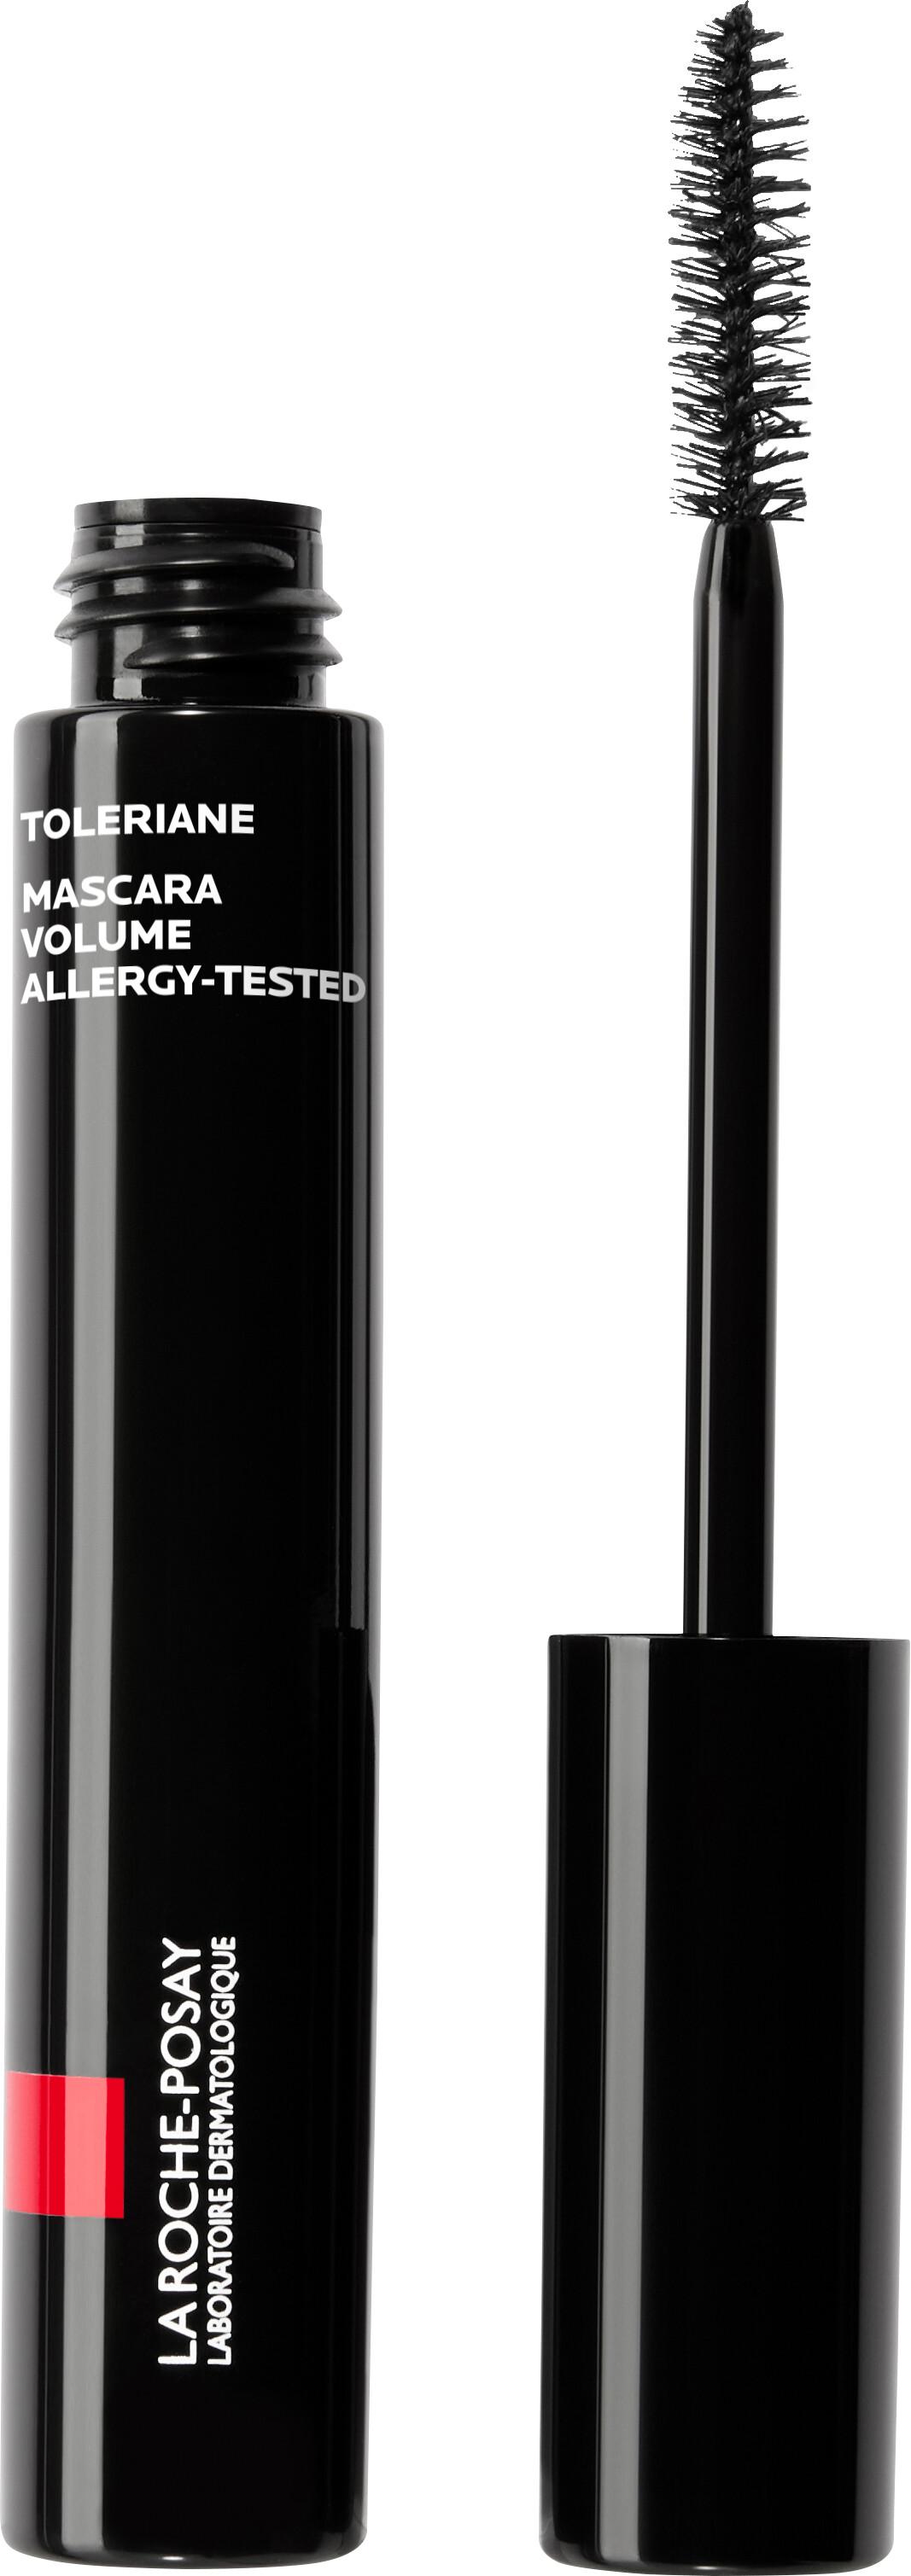 La Roche-Posay Toleriane Volume Mascara 6.9ml